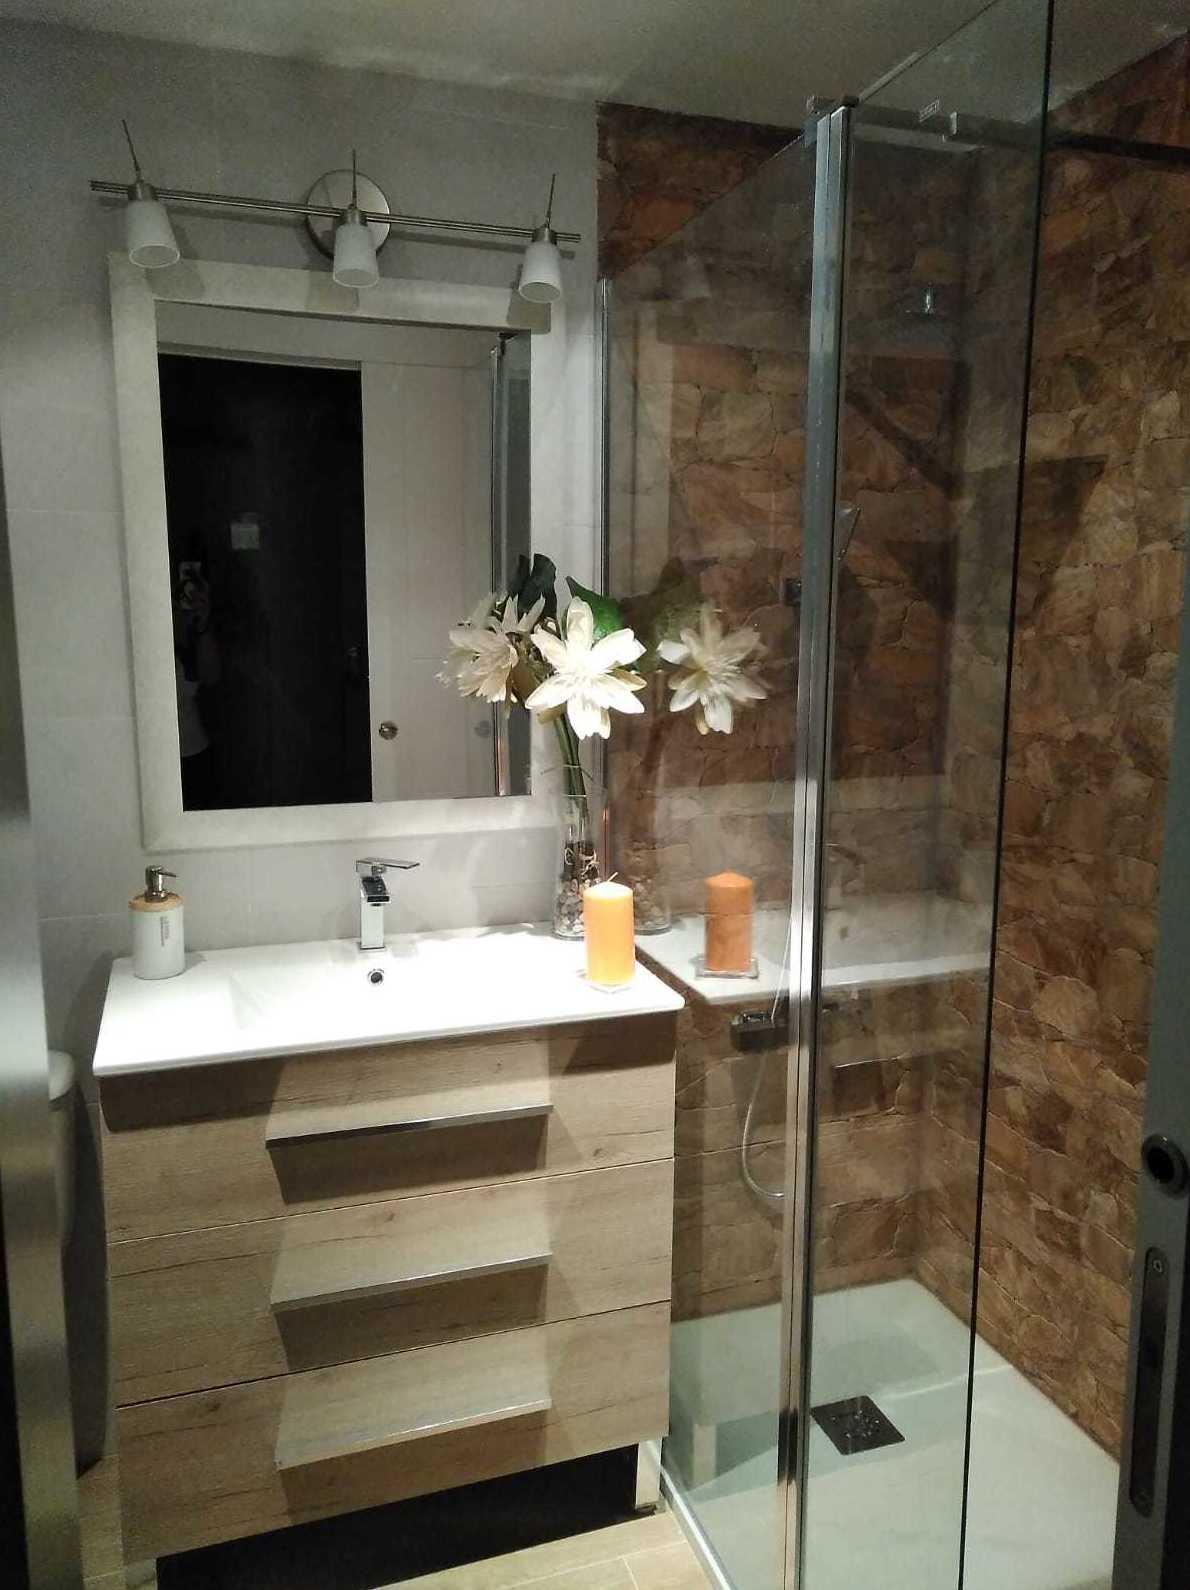 Reforma de baño: Productos y servicios de Depoceramic